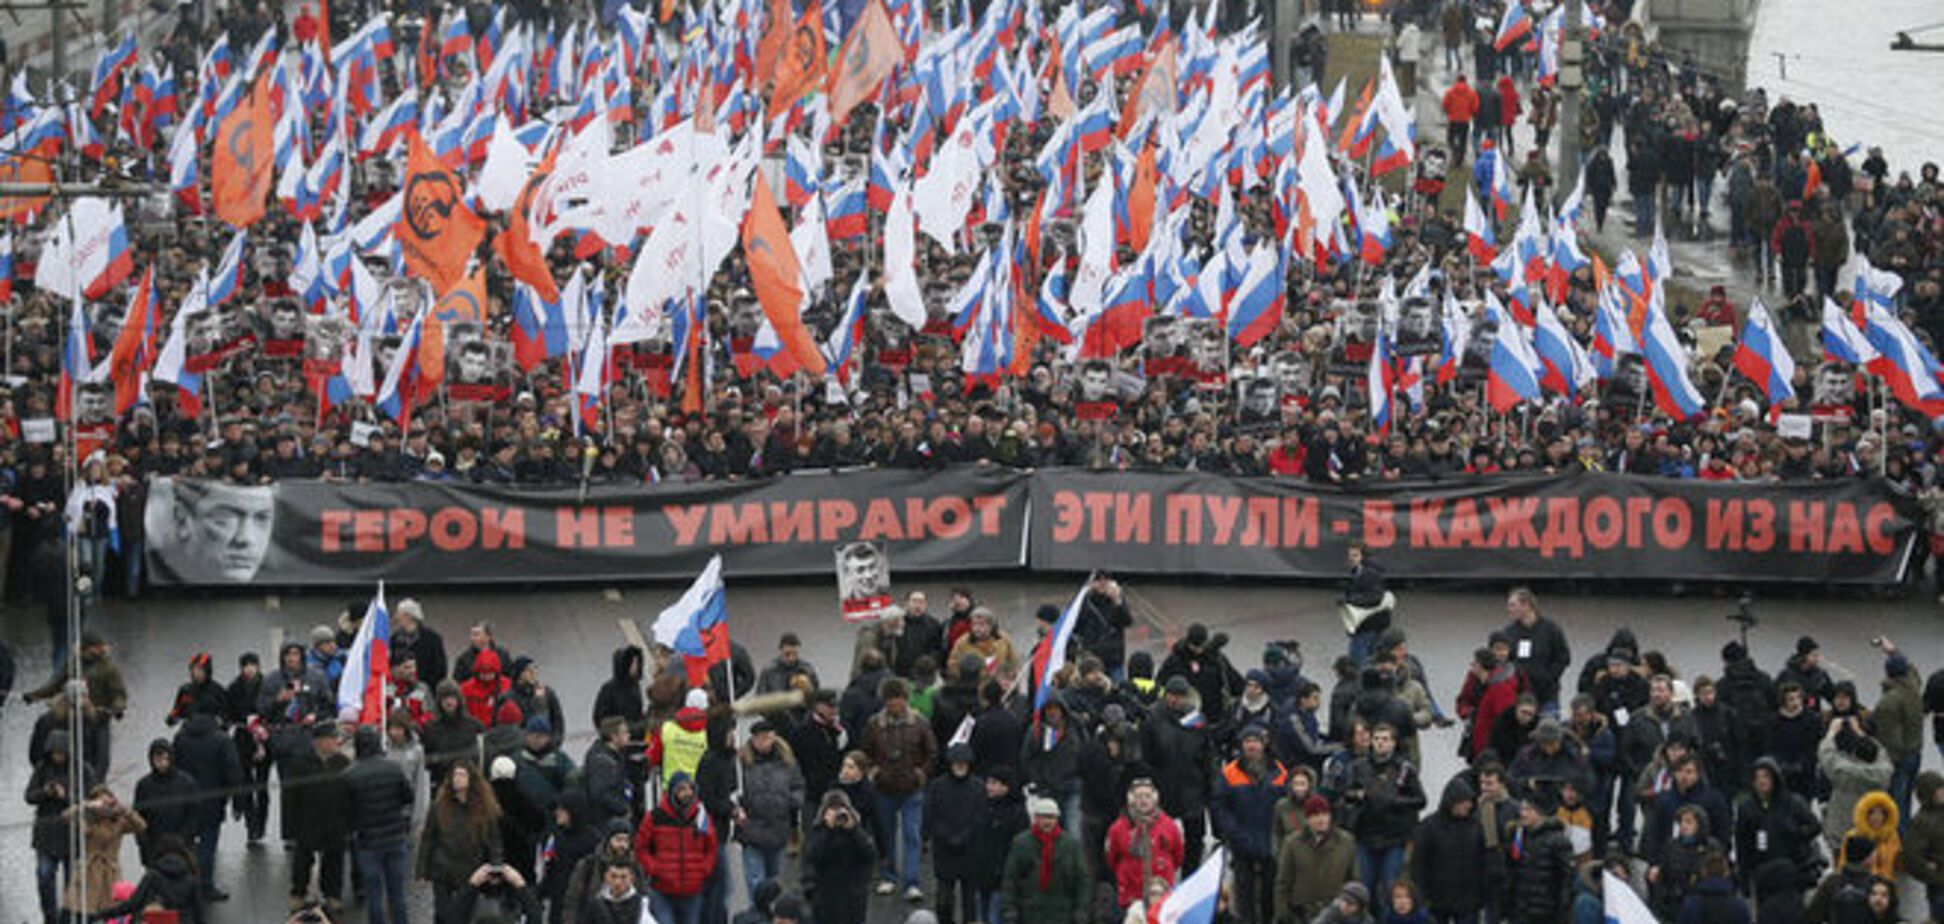 'Герои не умирают': десятки тысяч москвичей вышли на шествие памяти Немцова. Фото и видео